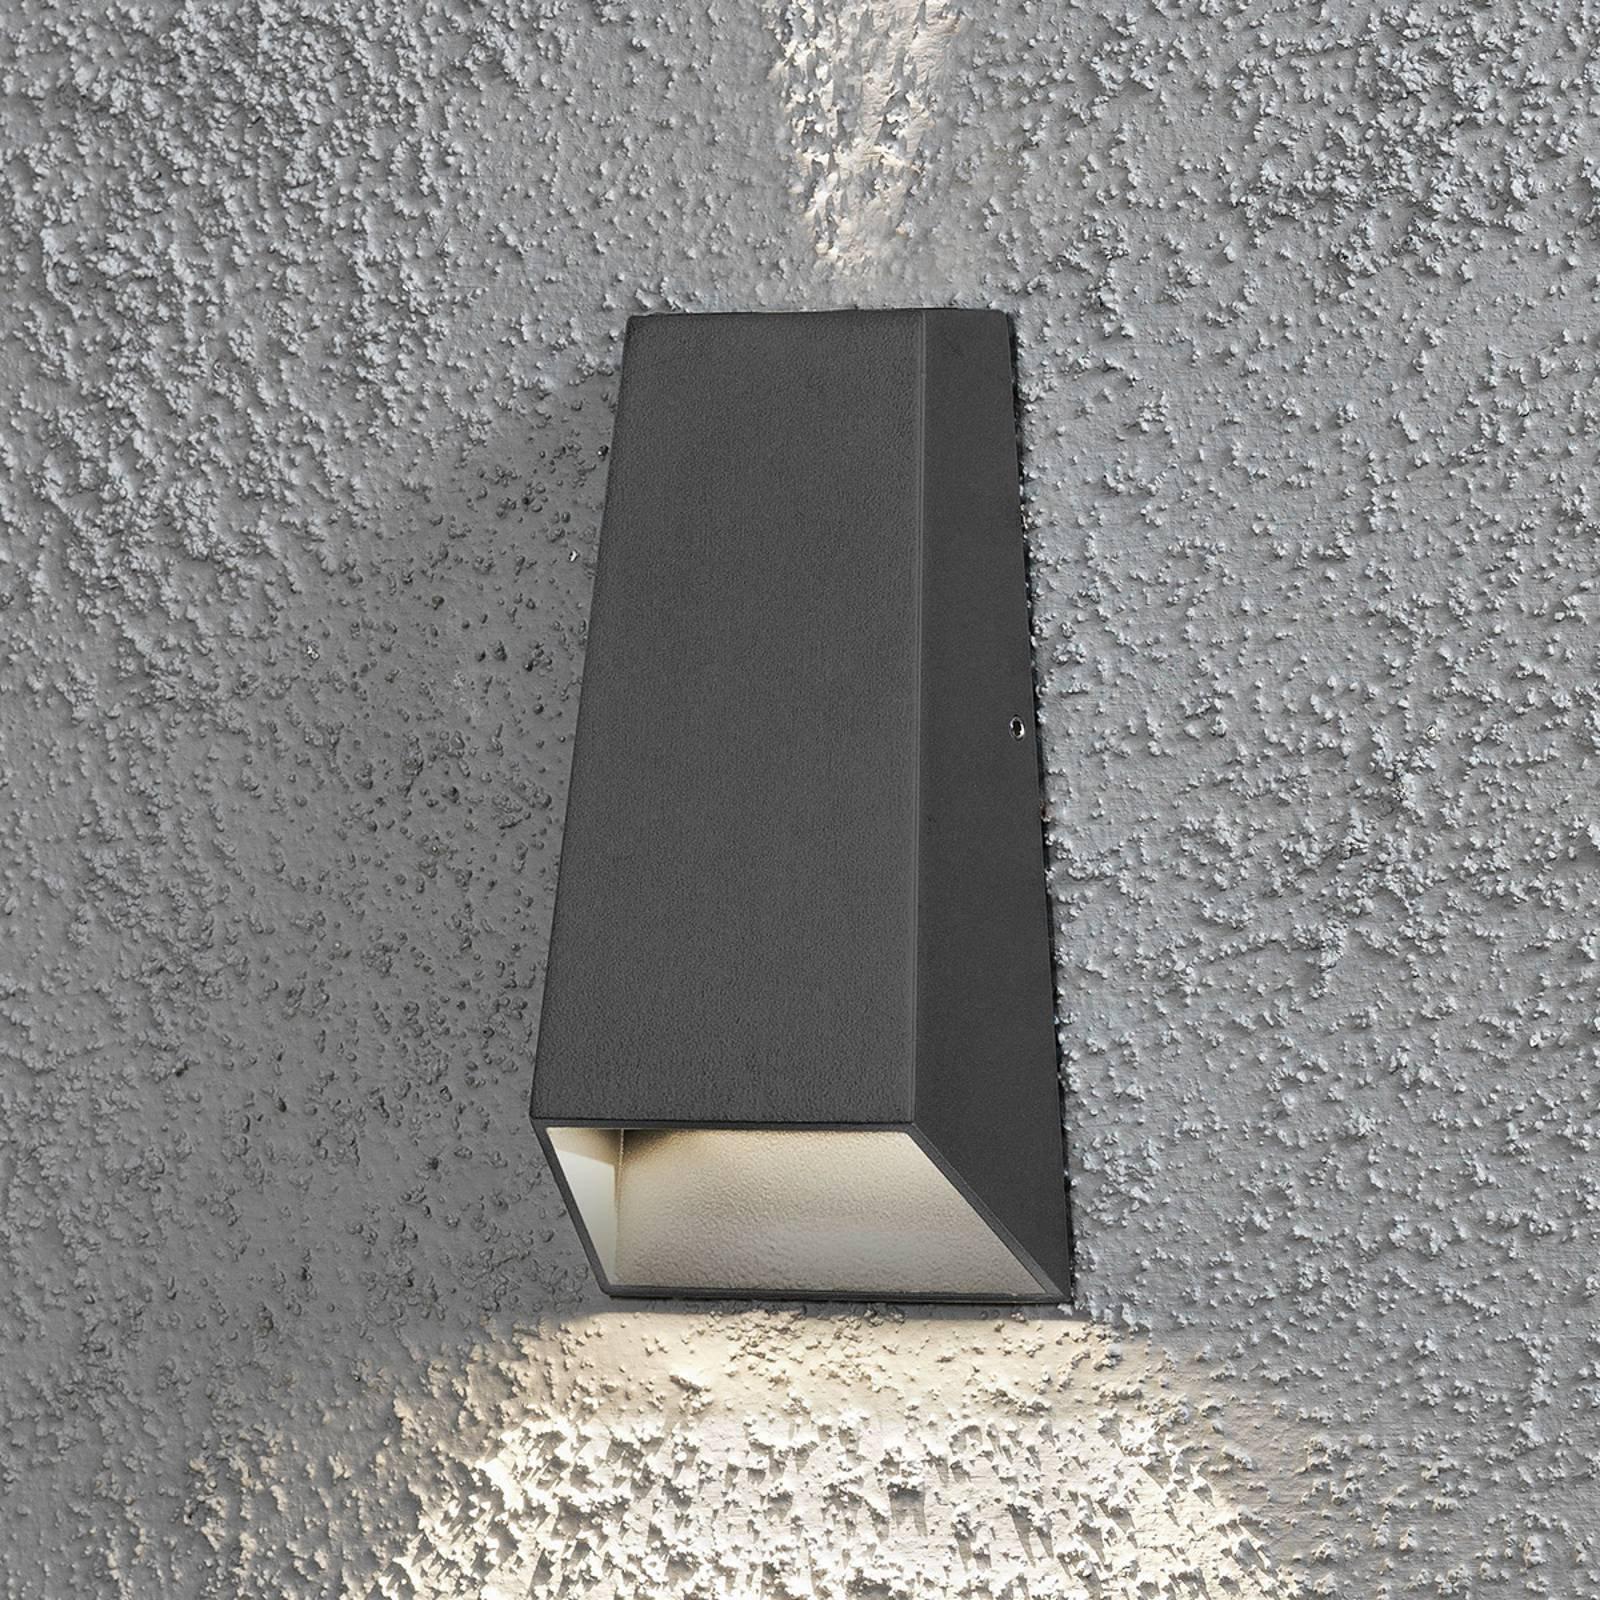 Imola utendørs LED-vegglampe dobbel lyskjegle